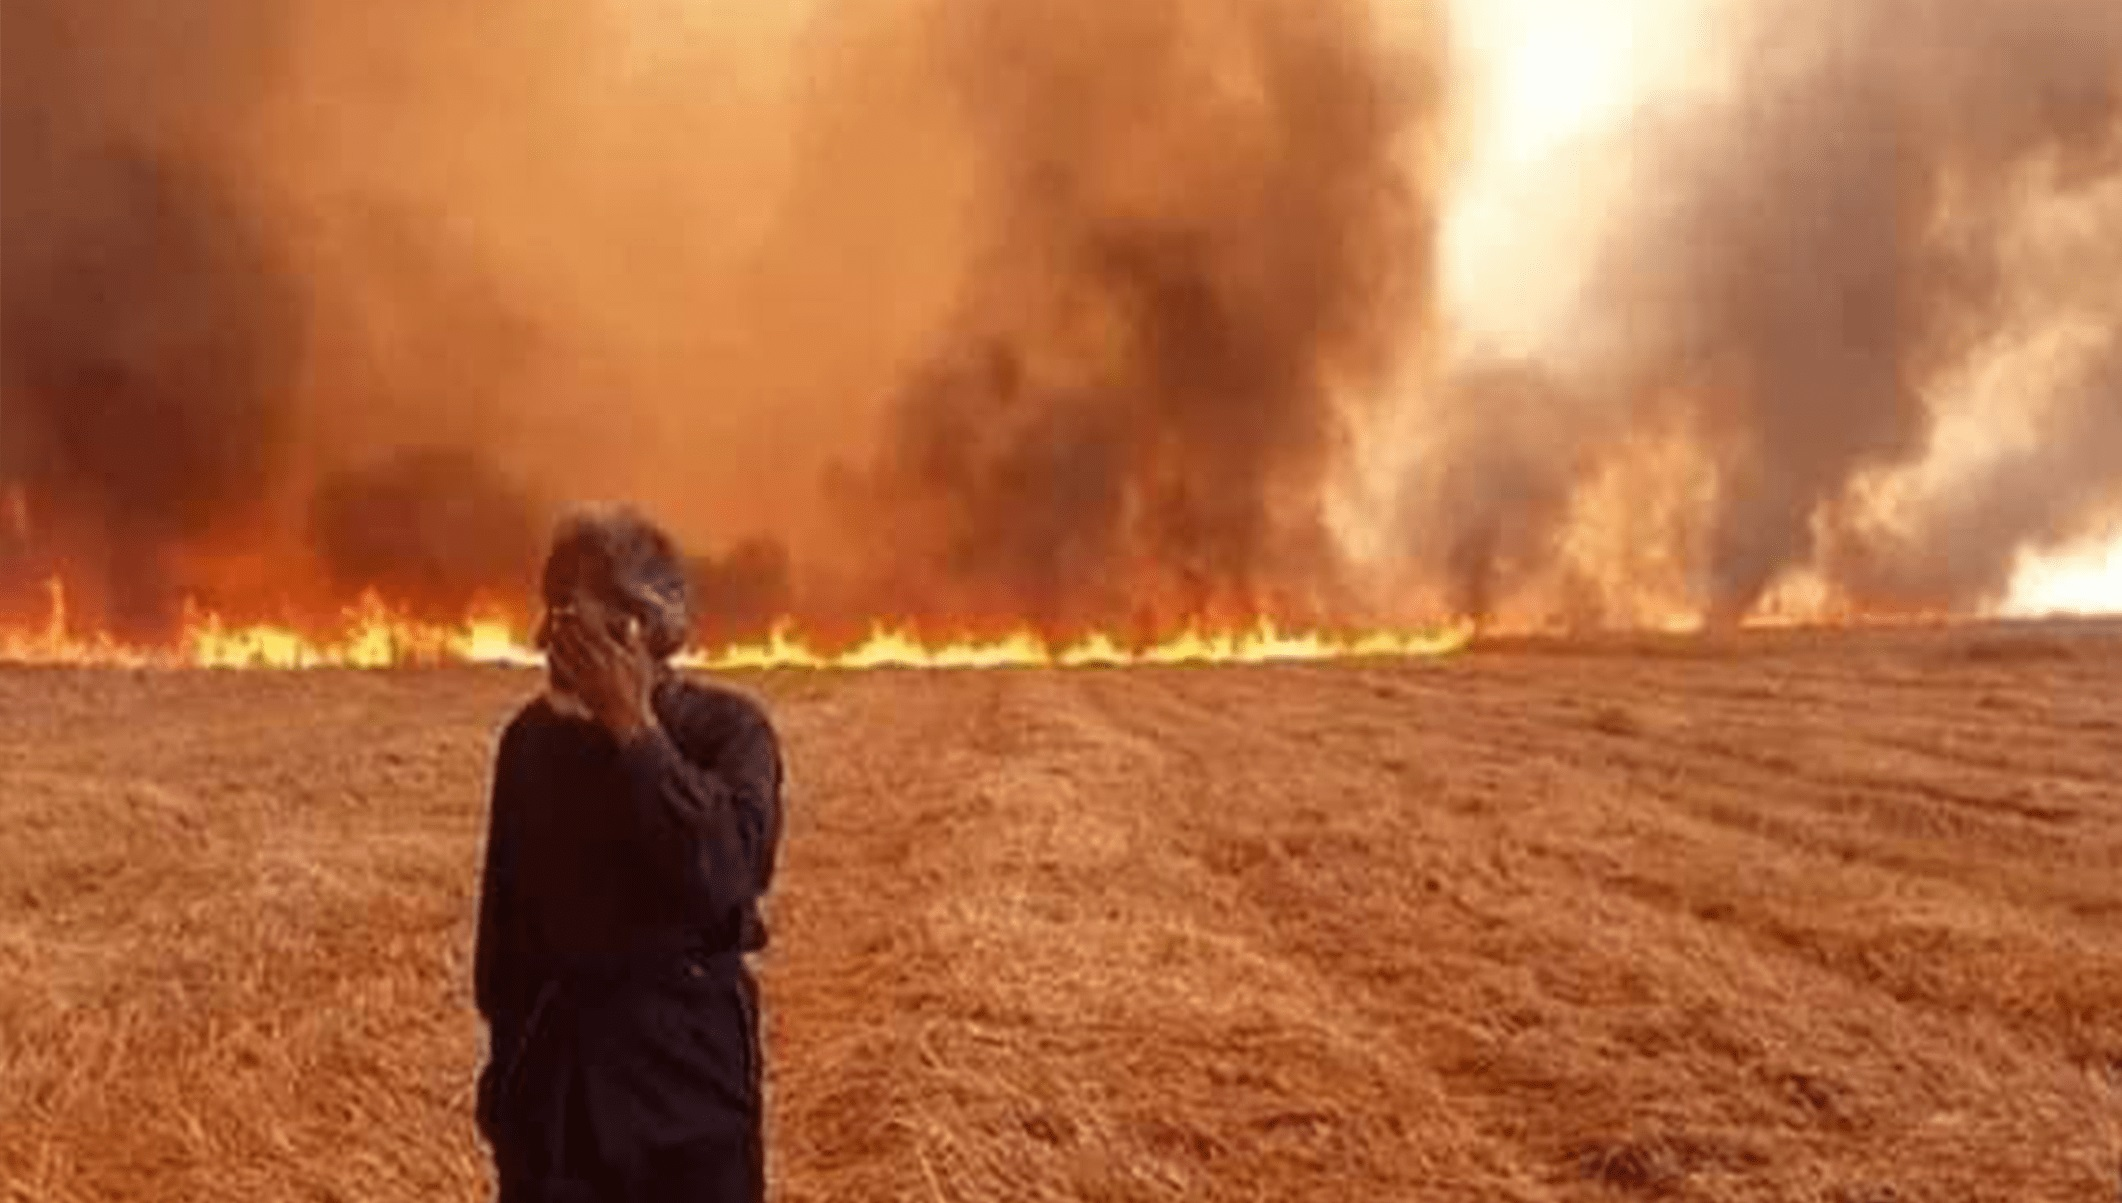 الإدارة الذاتية تكشف عن خسائر بالمليارات نتيجة حرائق الشمال الشرقي من سوريا